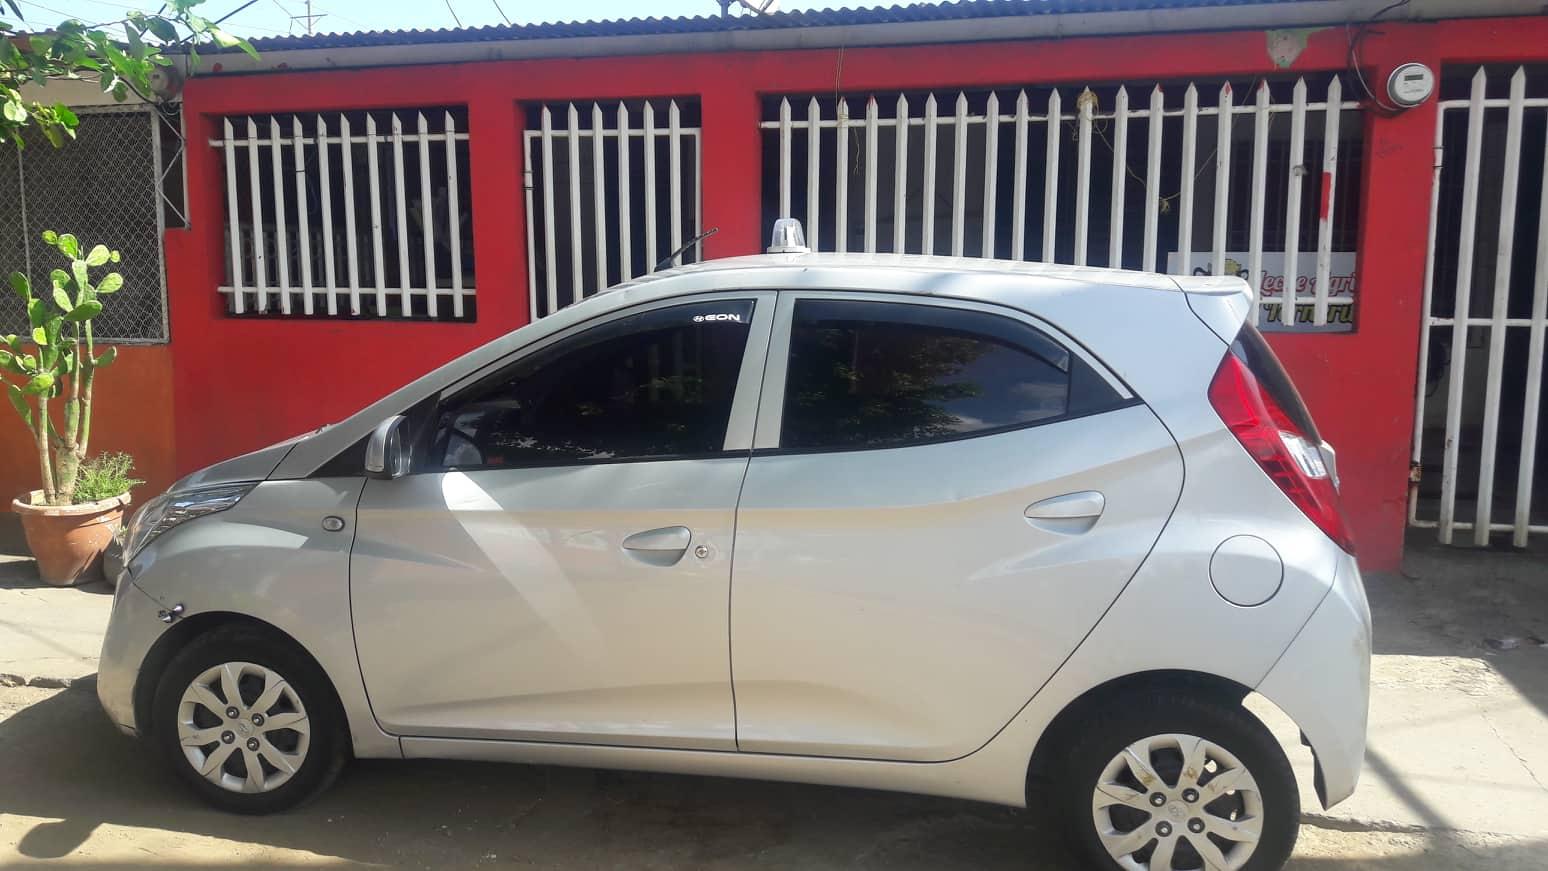 Servicio privado de Taxi WhatsApp en Managua